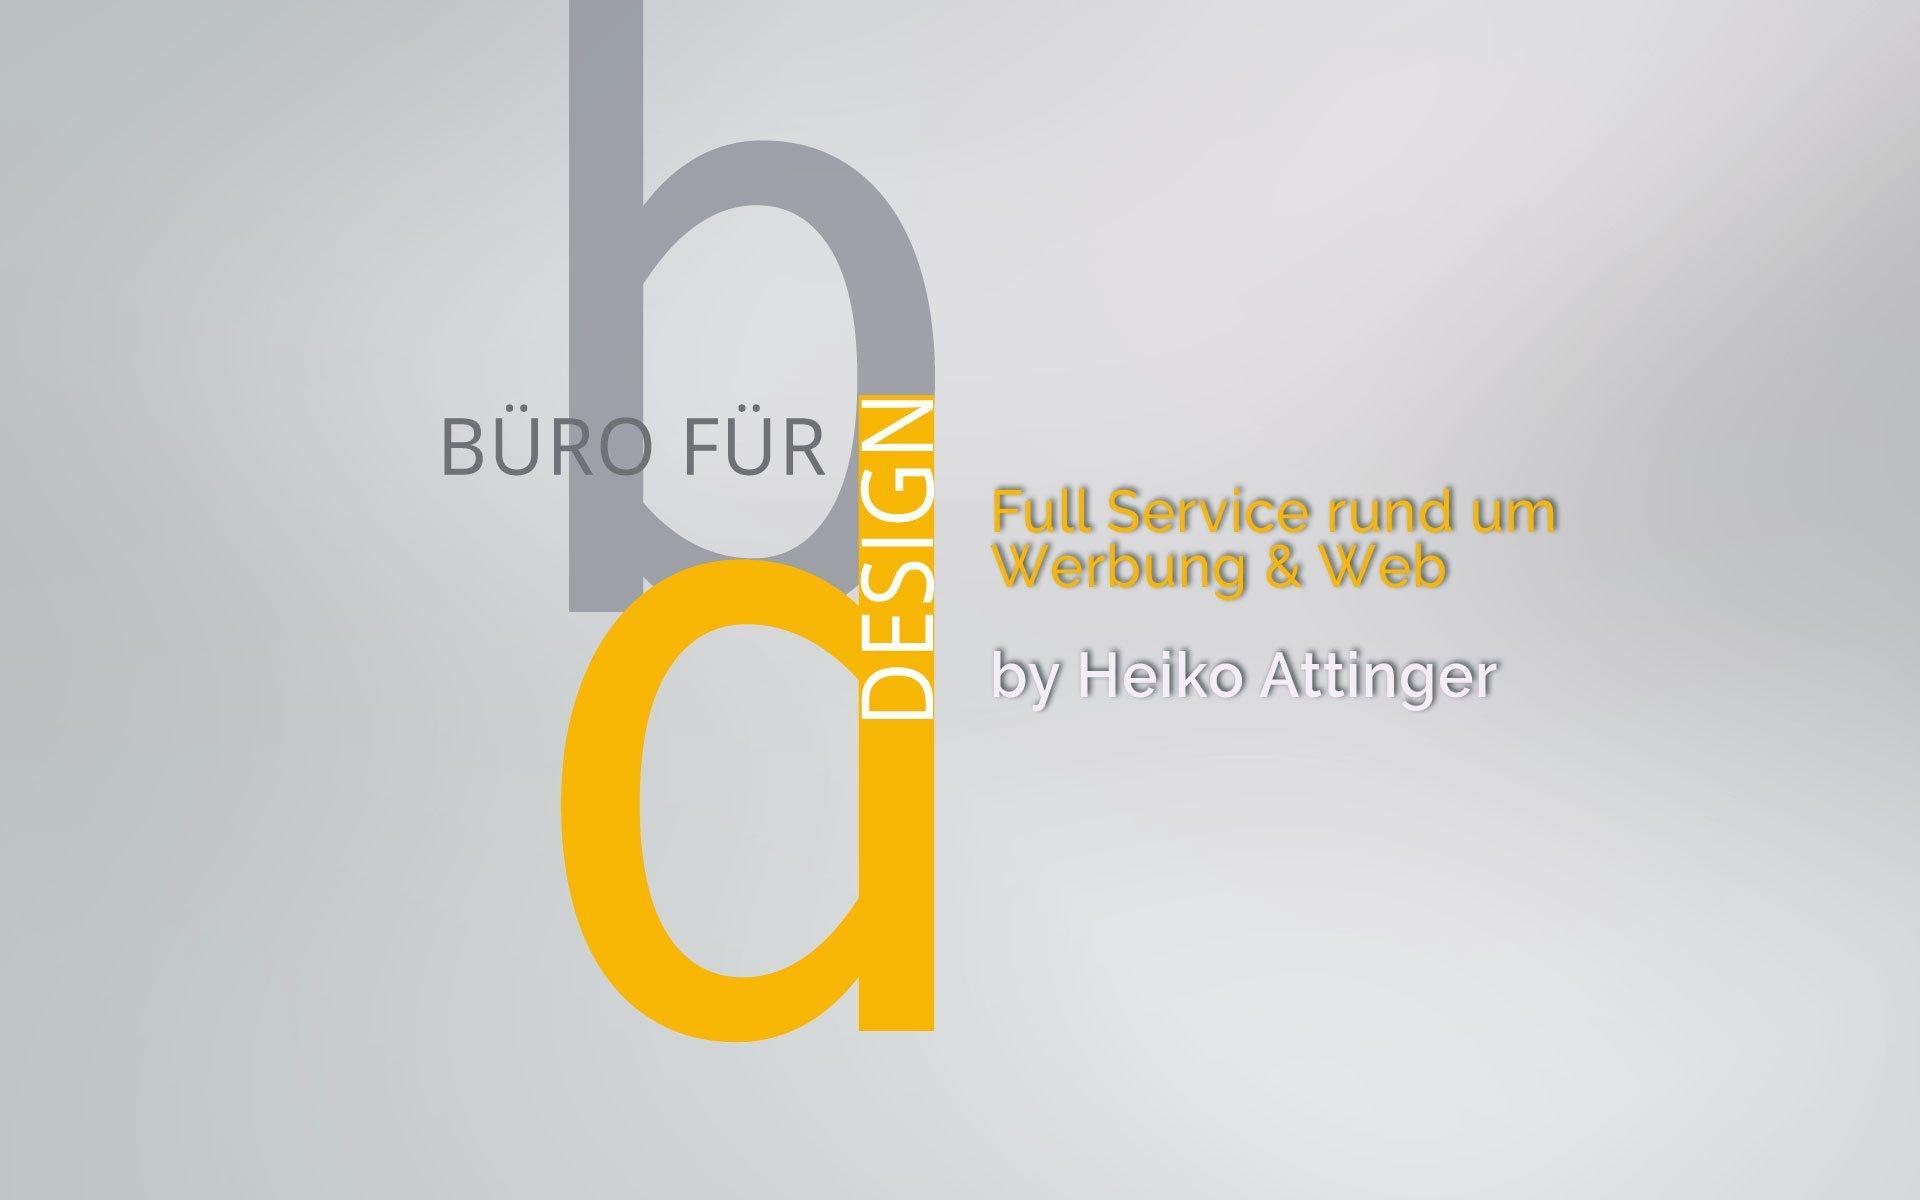 BG-Layer-Slide-Werbedesign-1